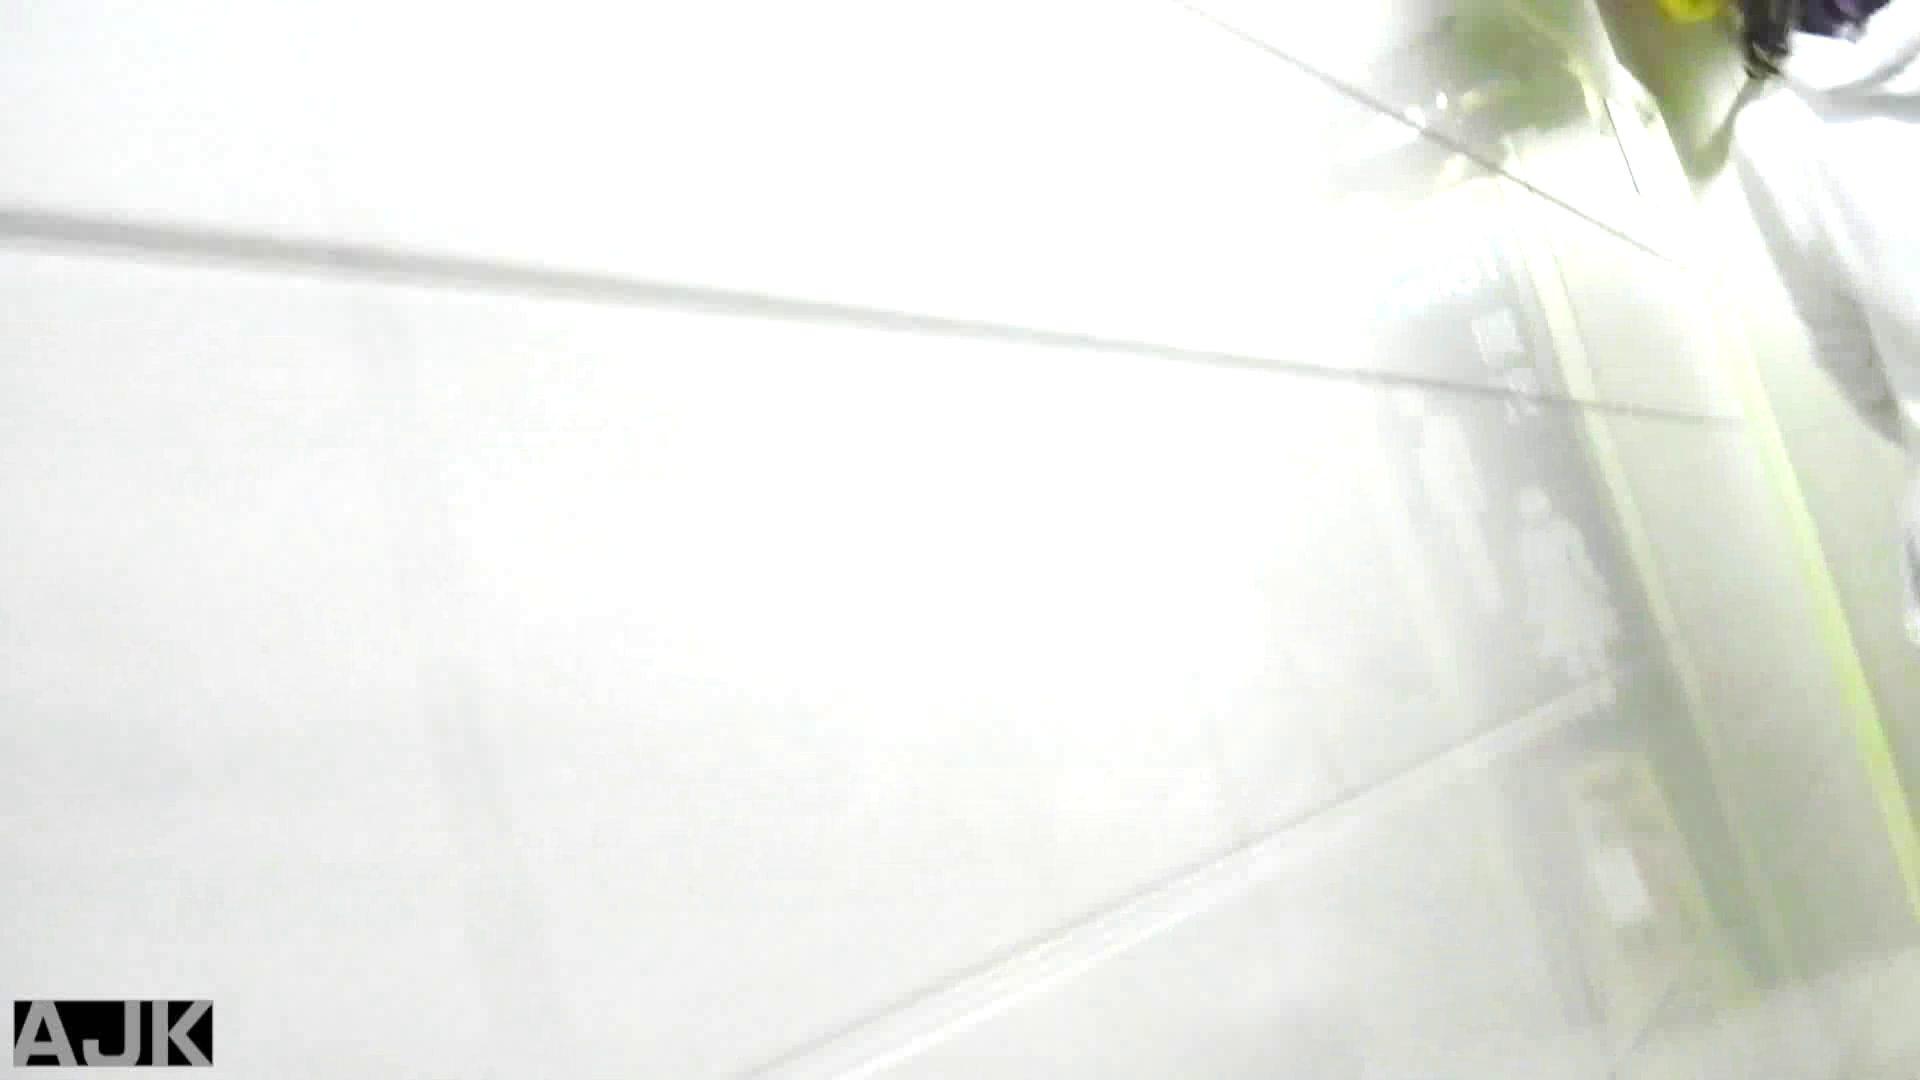 神降臨!史上最強の潜入かわや! vol.16 マンコ・ムレムレ おまんこ無修正動画無料 106pic 87